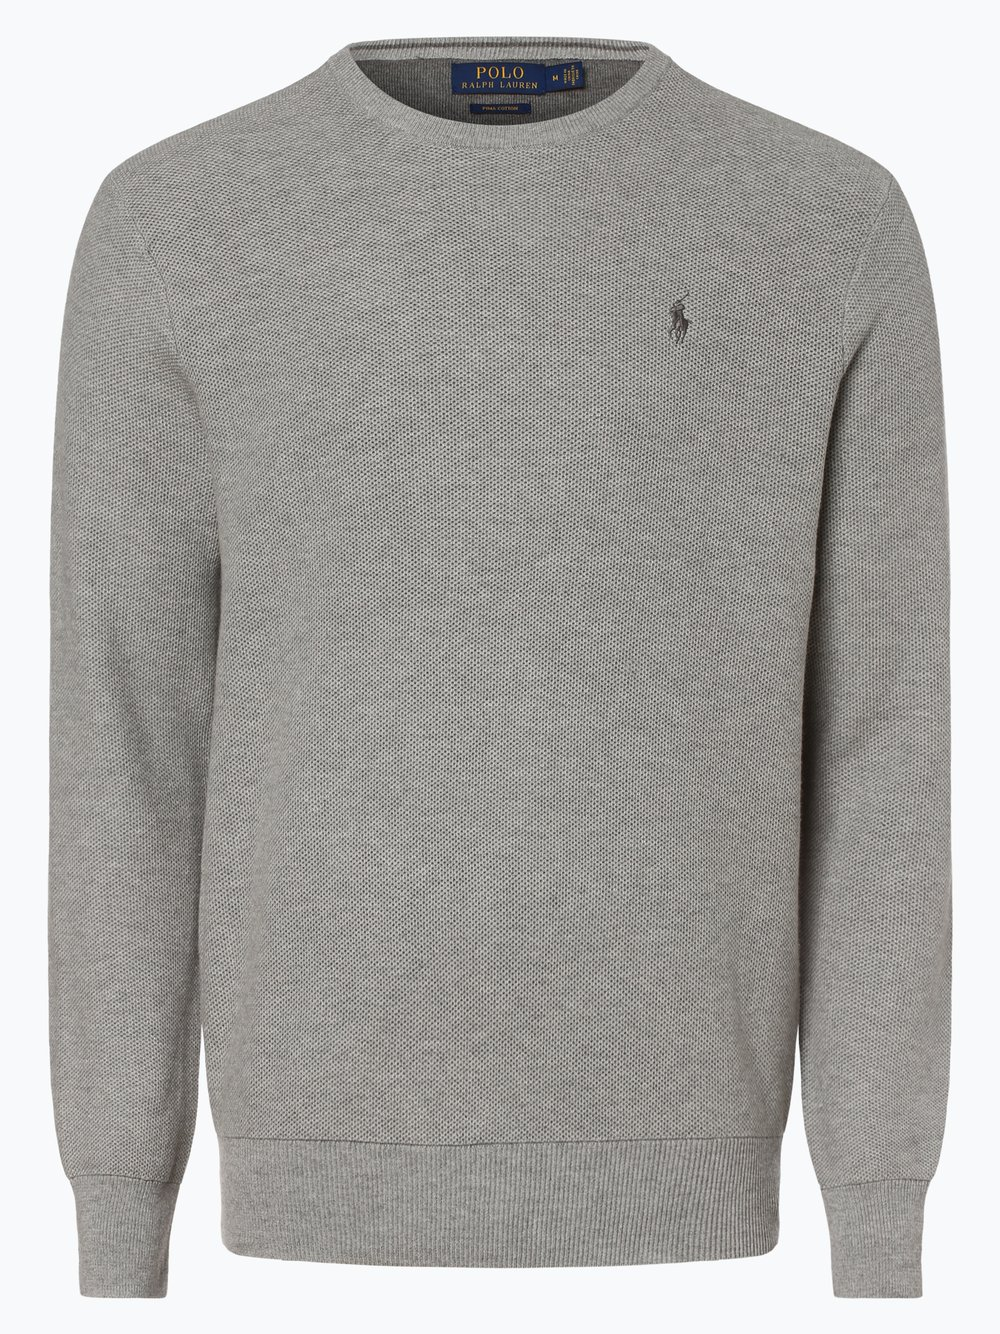 Polo Ralph Lauren Herren Strickjacke online kaufen